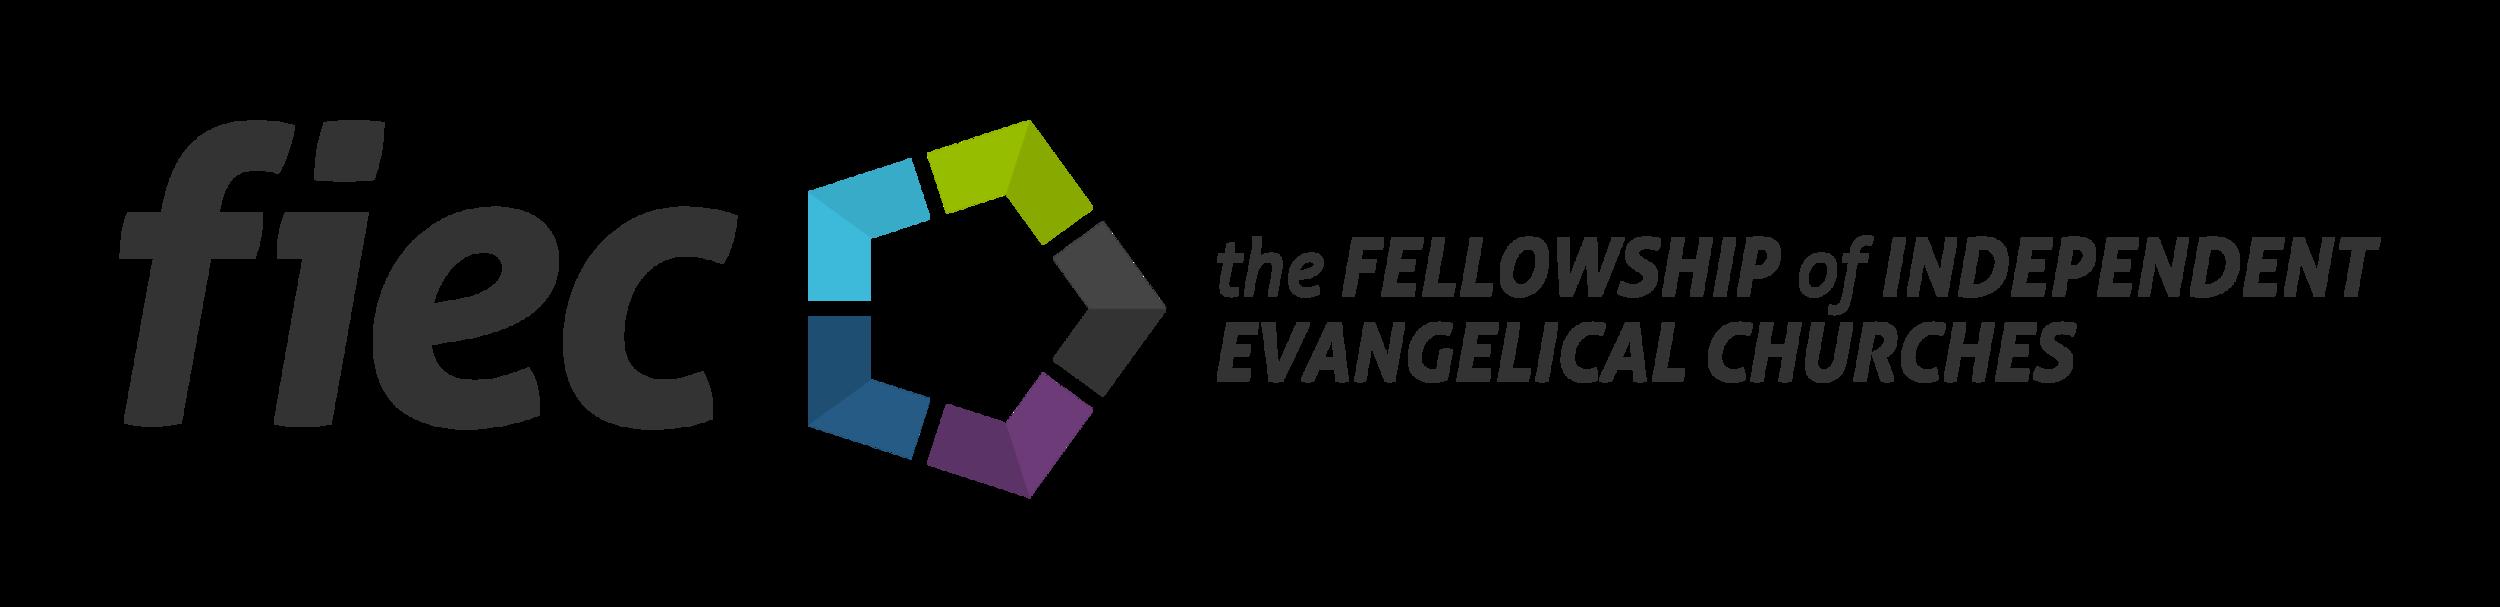 FIEC logo (big).png